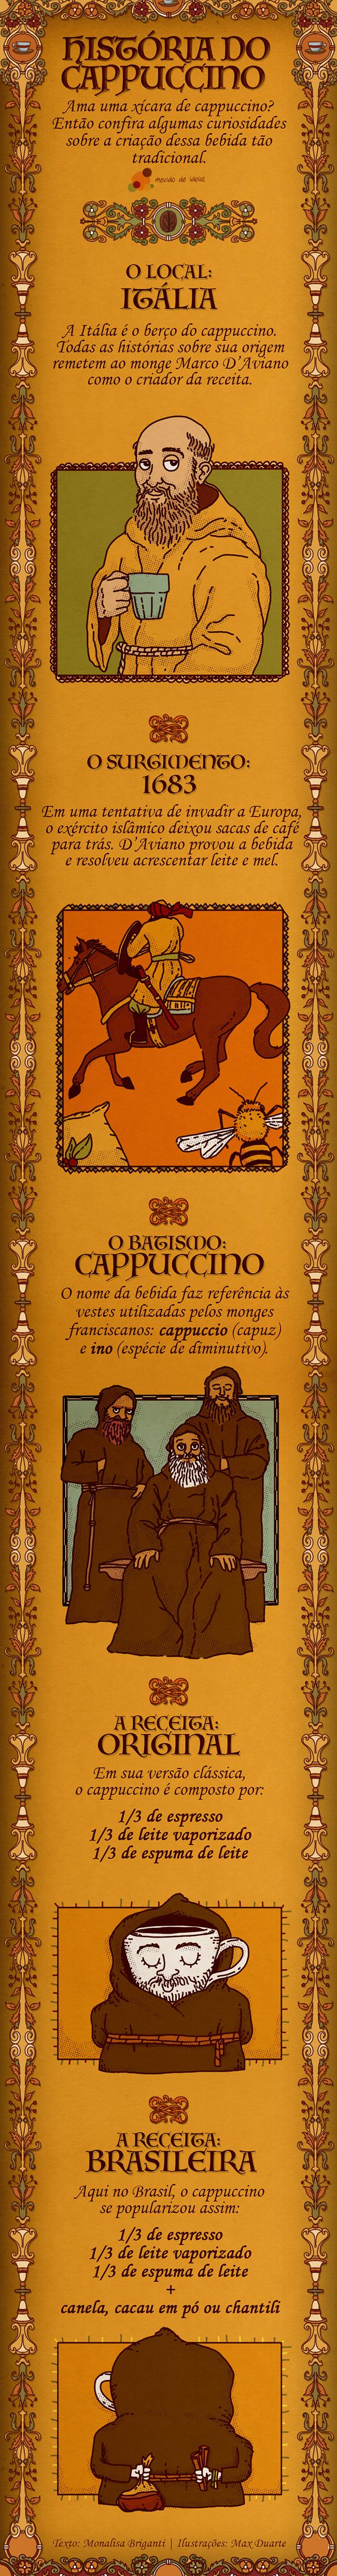 historia-cappuccino